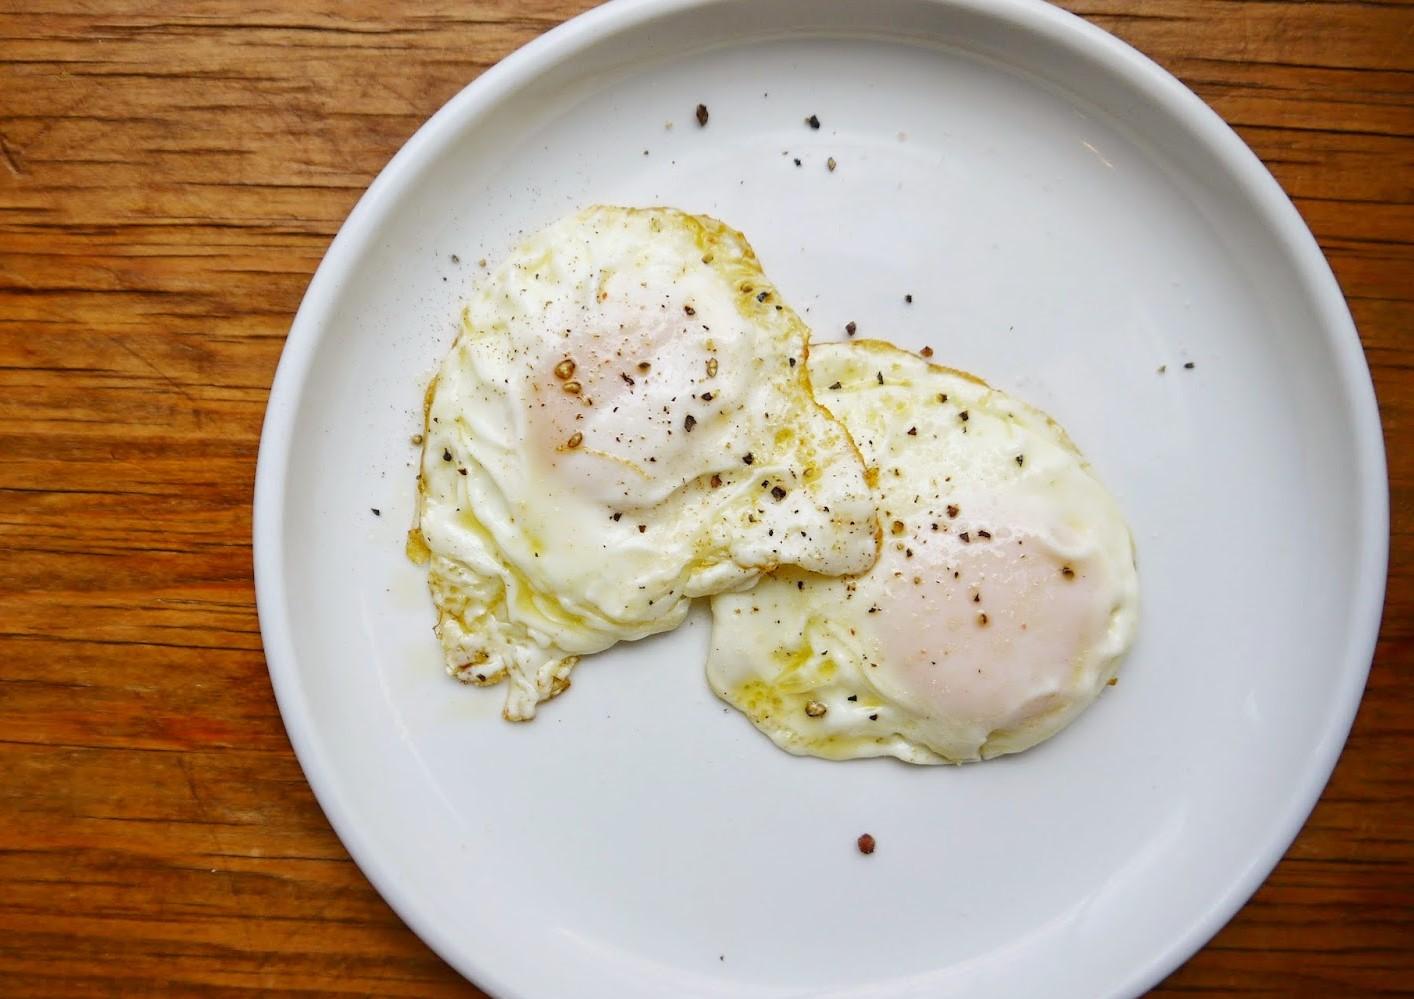 cách chiên trứng 13 cách chiên trứng Cách chiên trứng cực ngon chỉ trong 3 phút ai ai cũng làm được cach chien trung 13